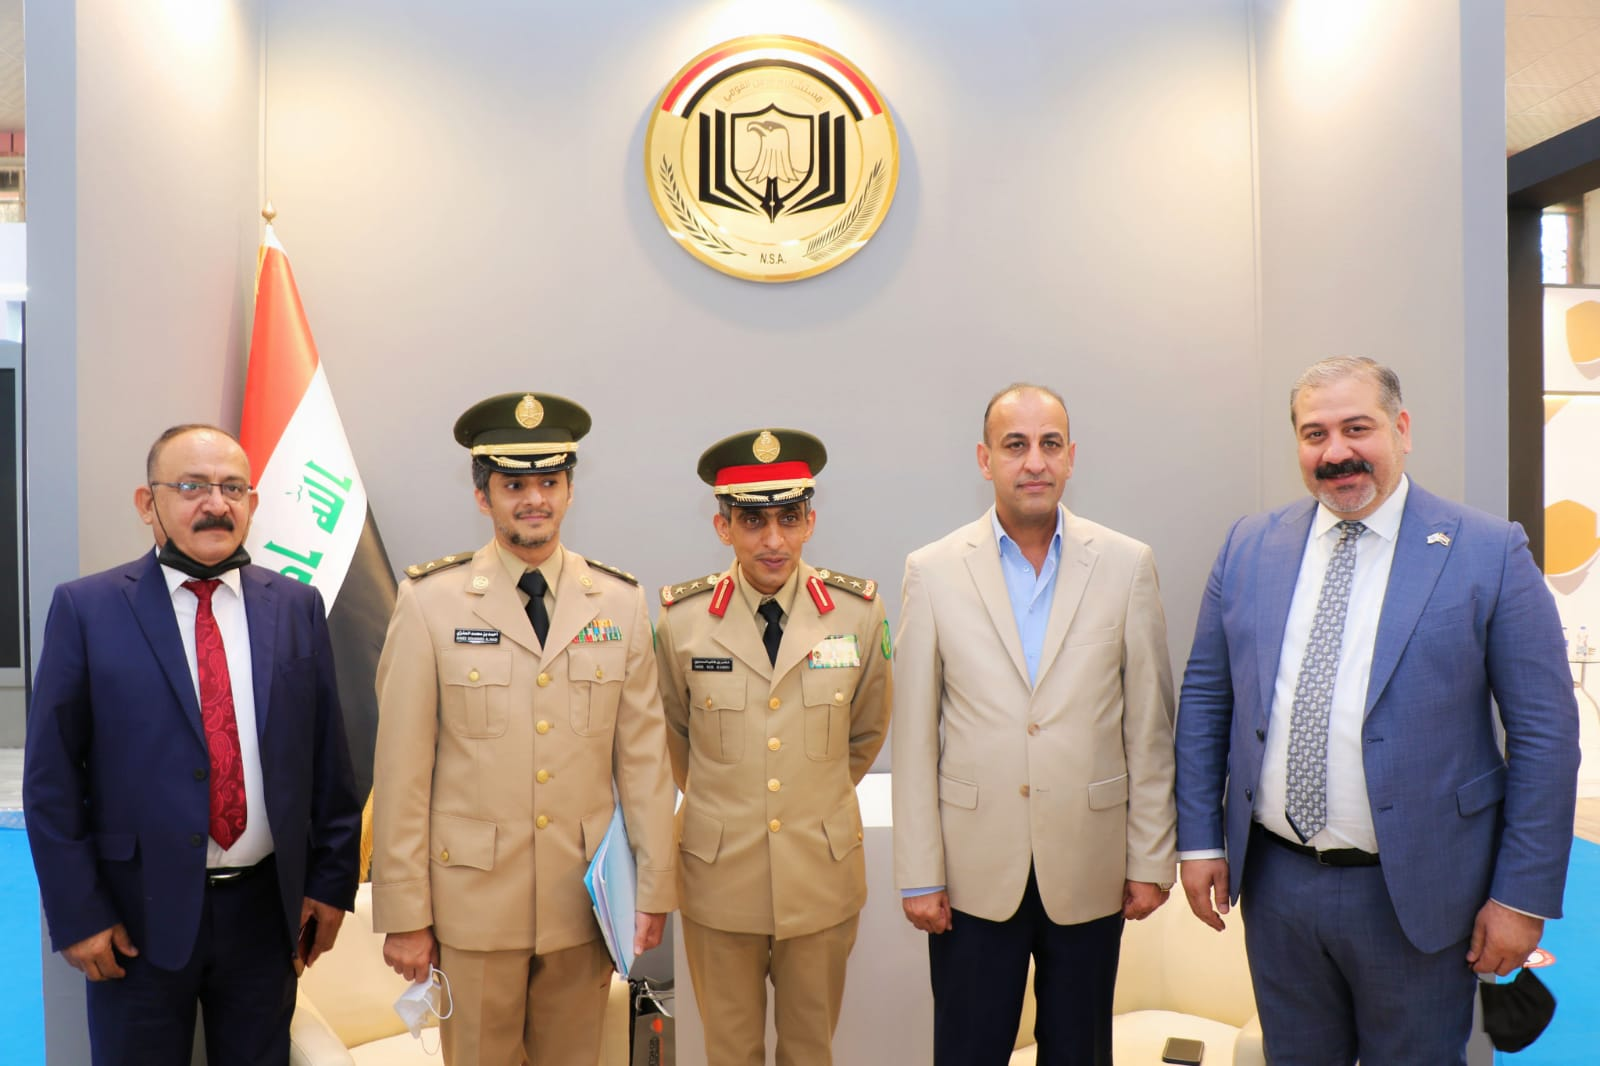 التجارة   … الملحق العسكري السعودي يزور معرض الامن والدفاع والامن السبراني على ارض معرض بغداد الدولي